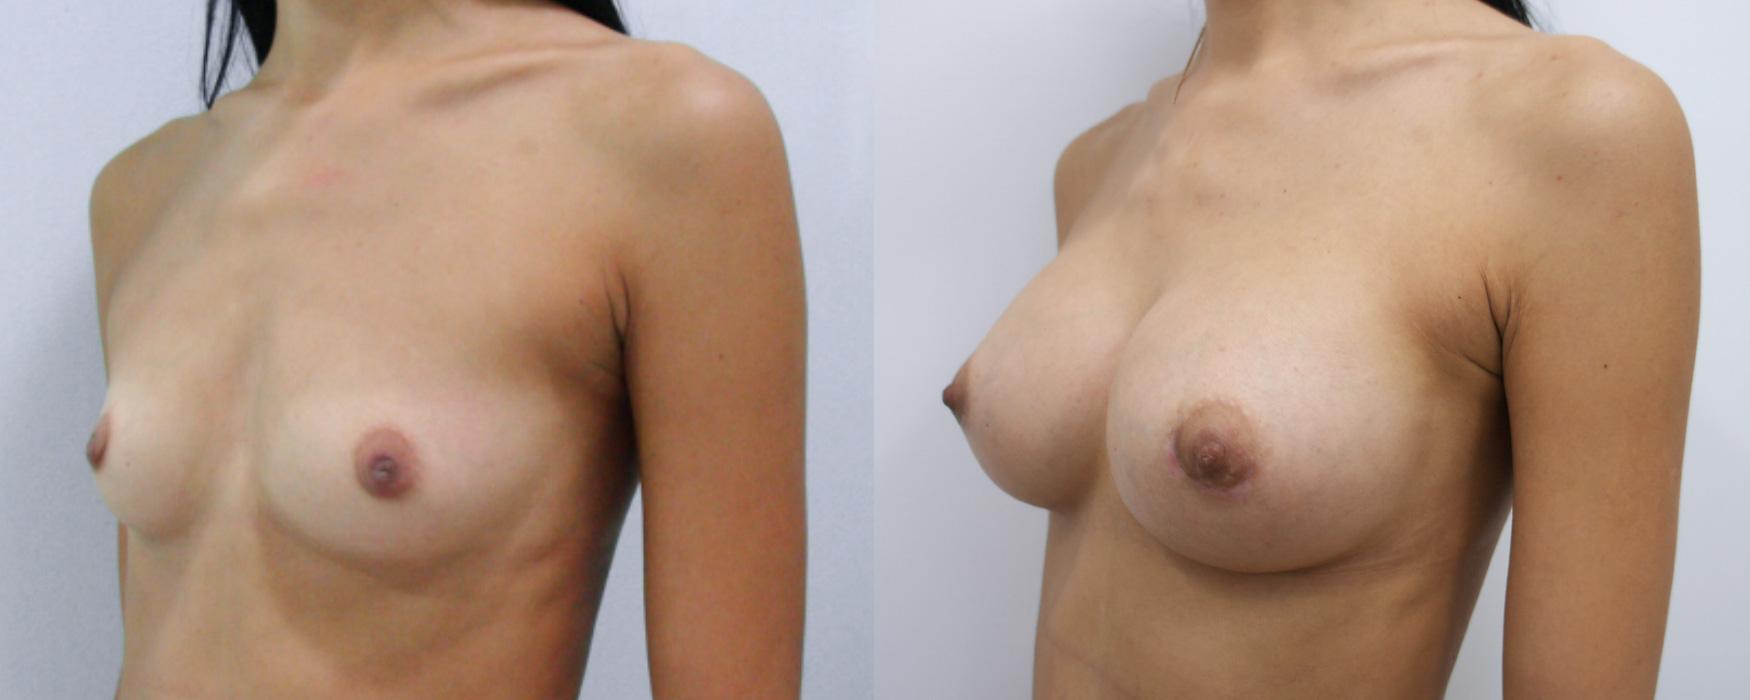 Эндопротезирование молочных желез с мастопексией, стоимость установки грудных имплантов